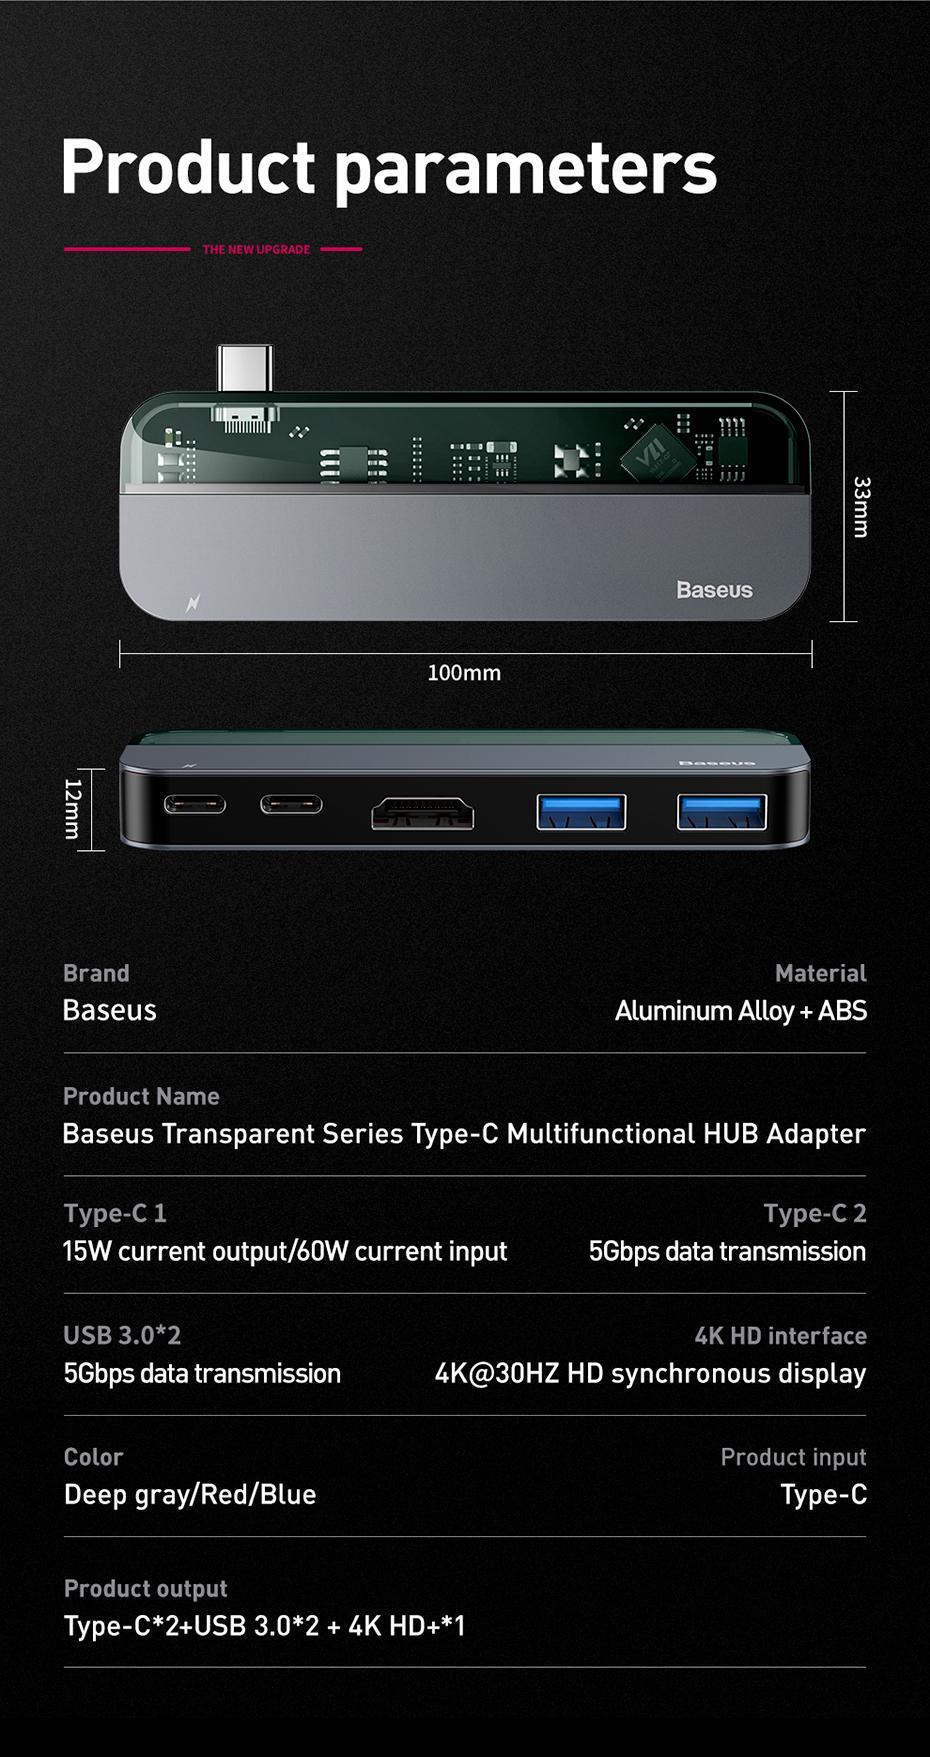 Переходник Baseus Transparent Series Type-C Multifunctional HUB Adapter